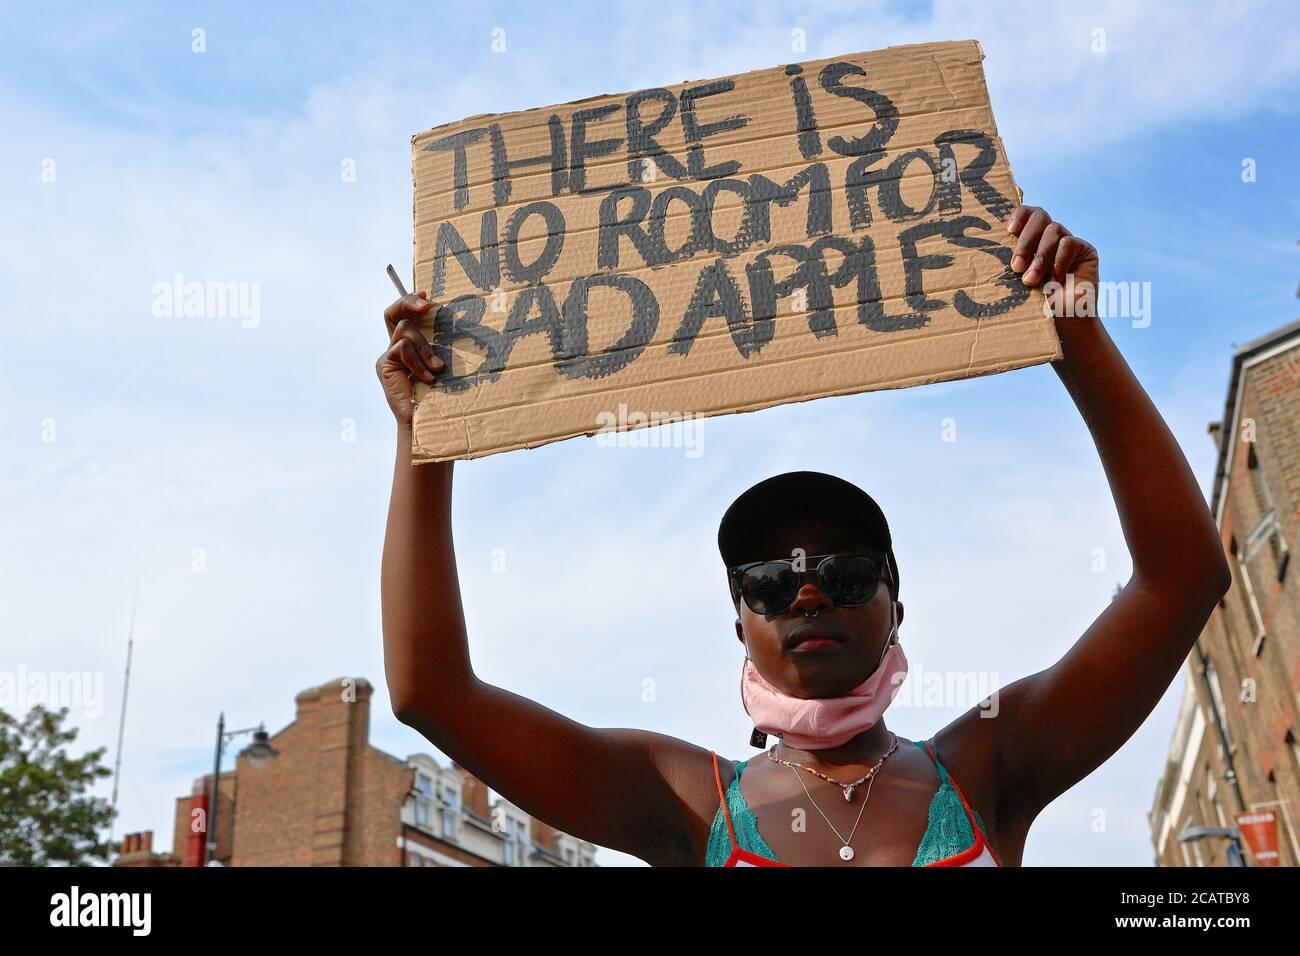 Tottenham - Londres (Royaume-Uni), août 8 2020: Une coalition de groupes activistes rassemblement en dehors du poste de police de Tottenham racisme et violence de la police. Banque D'Images